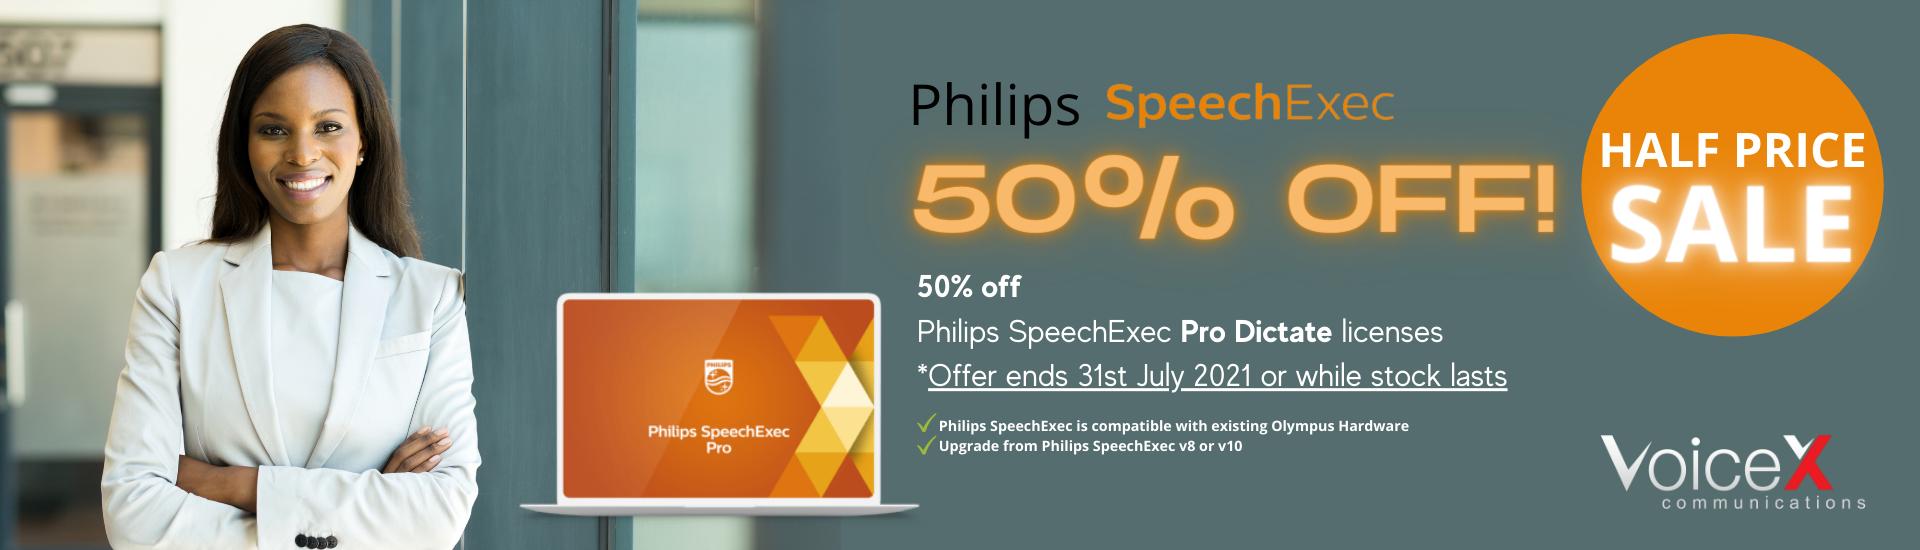 Philips SpeechExec Pro Dictate Half Price Sale